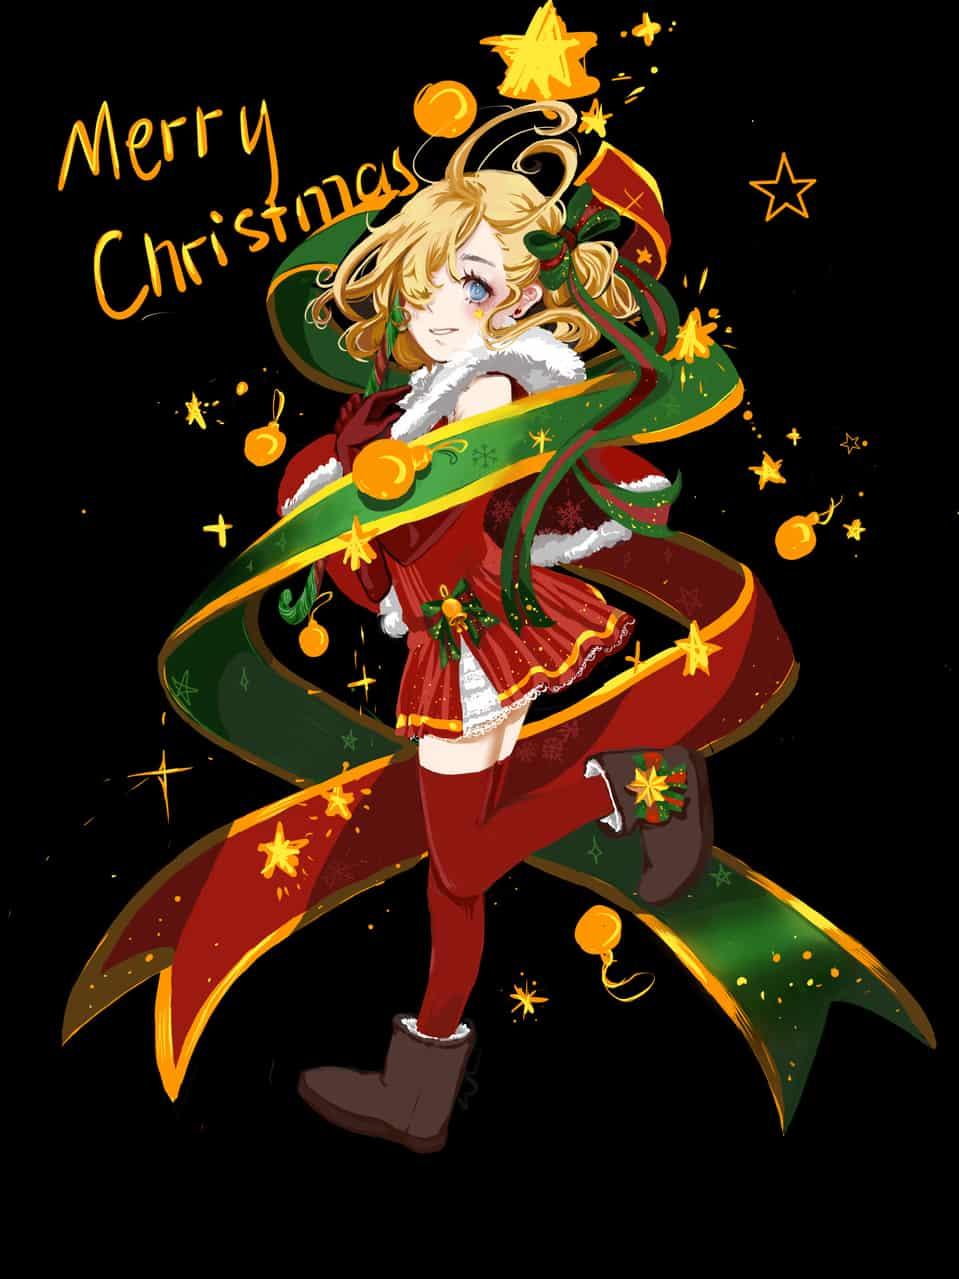 圣诞节🎄快乐